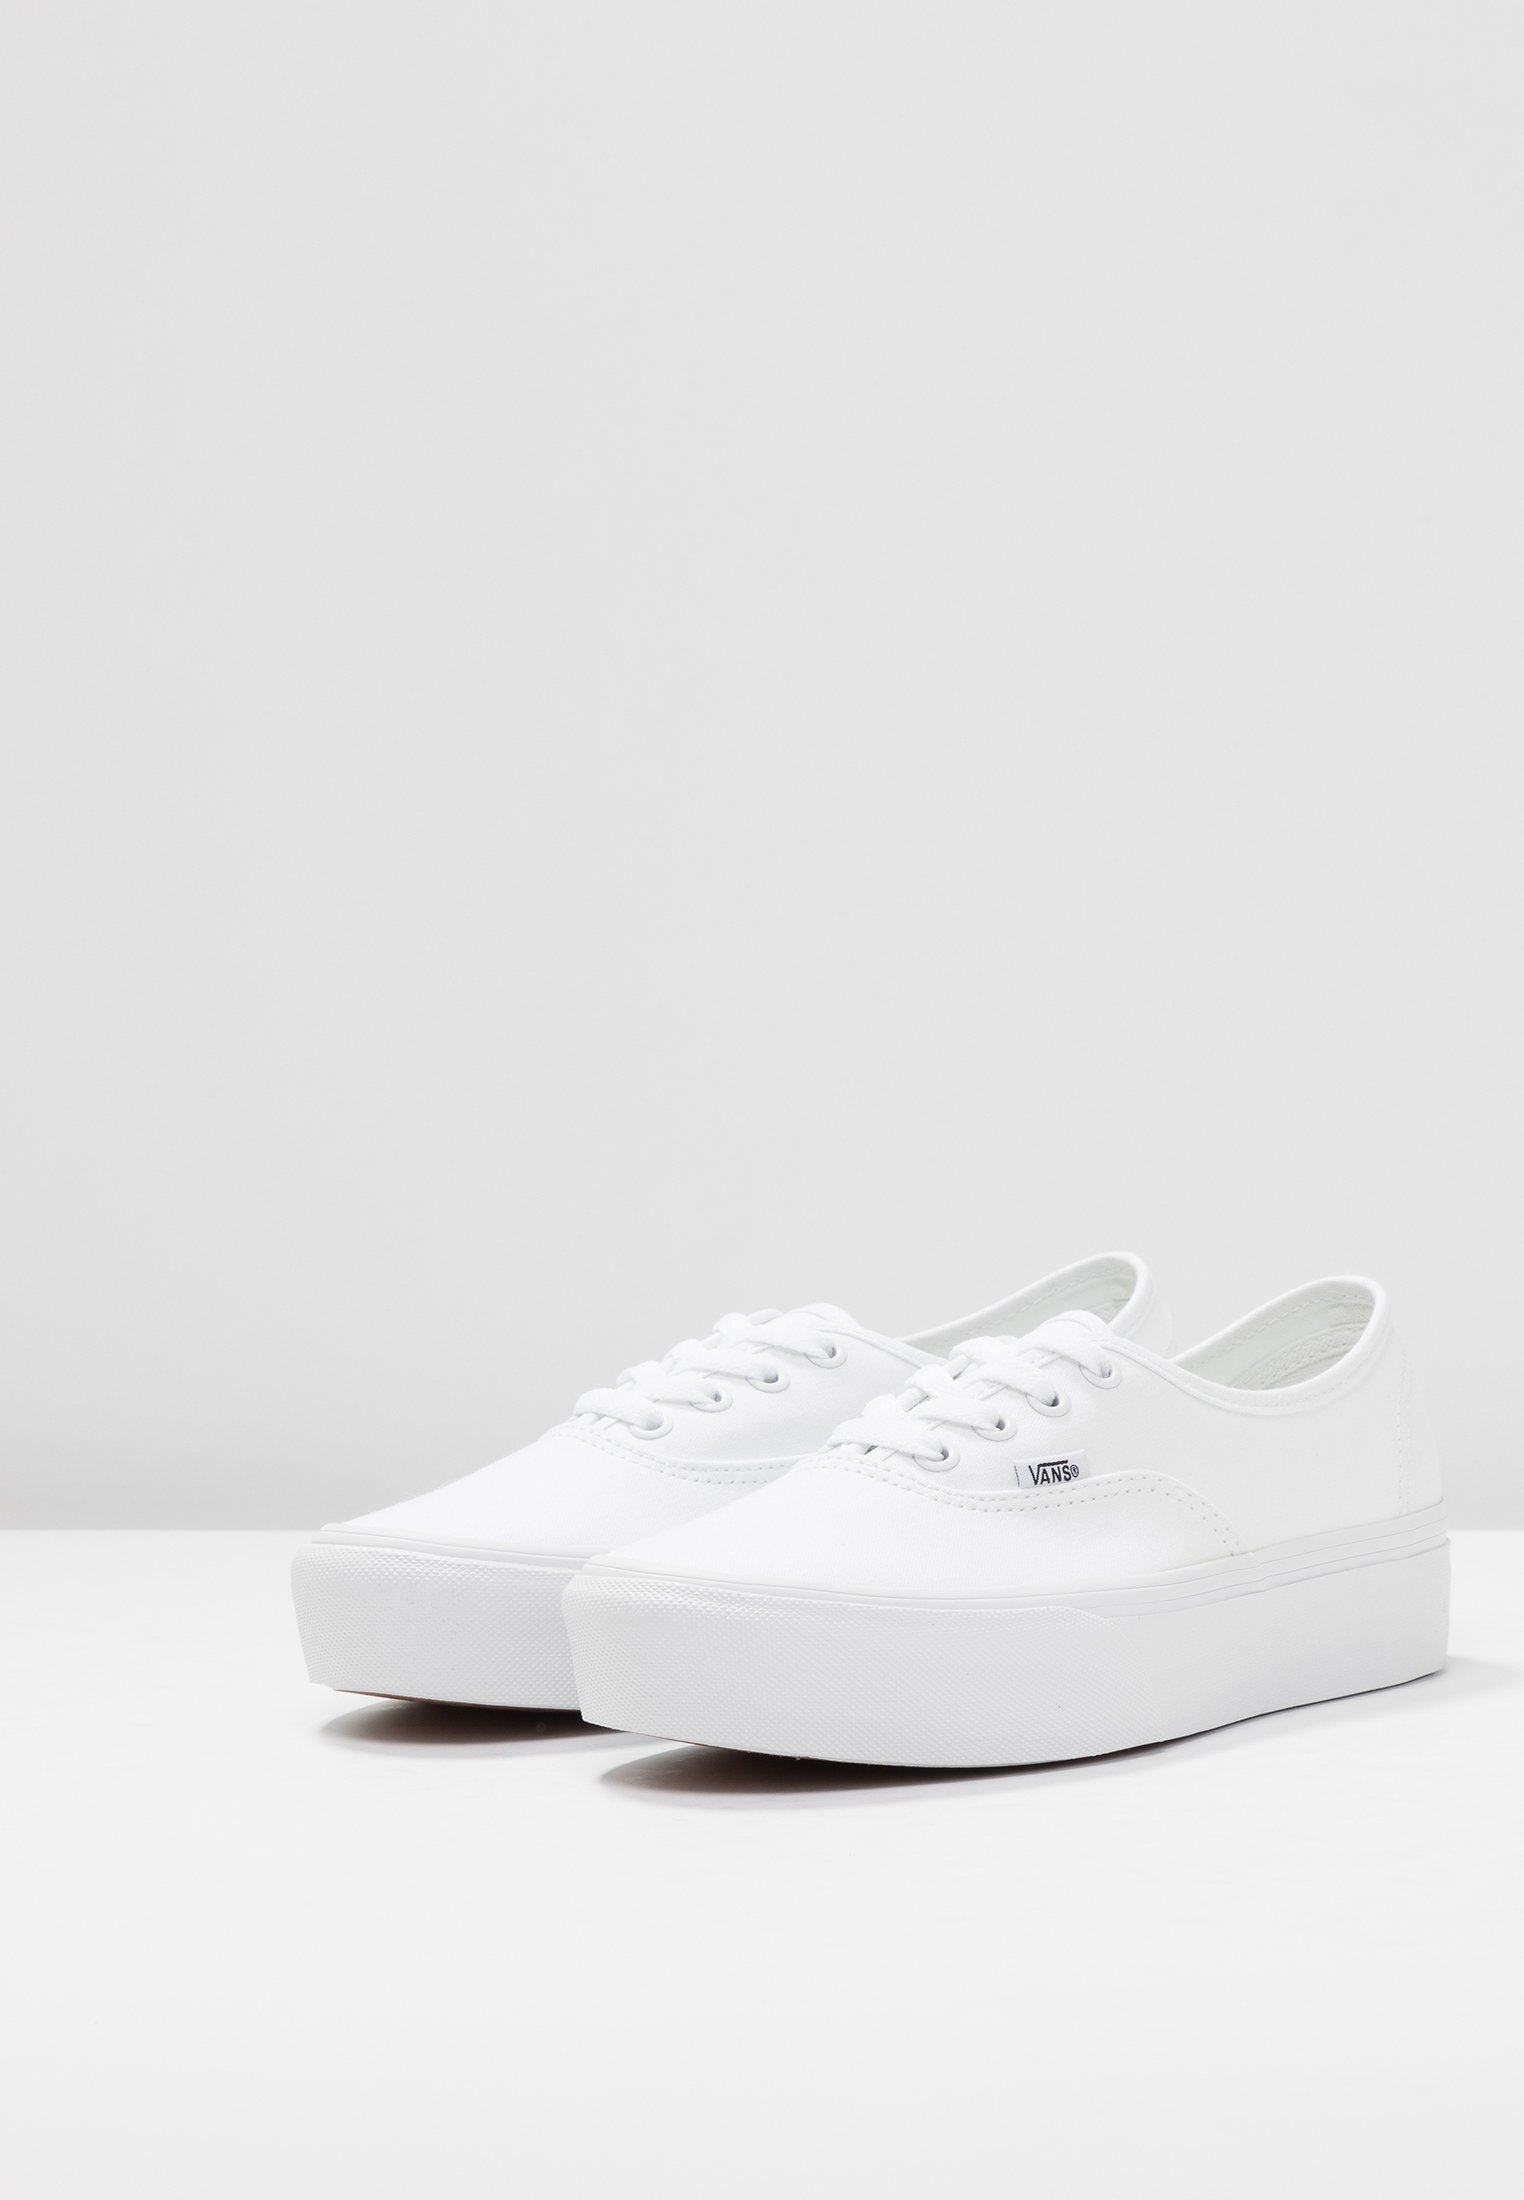 Vans AUTHENTIC PLATFORM Skateschuh true white/weiß